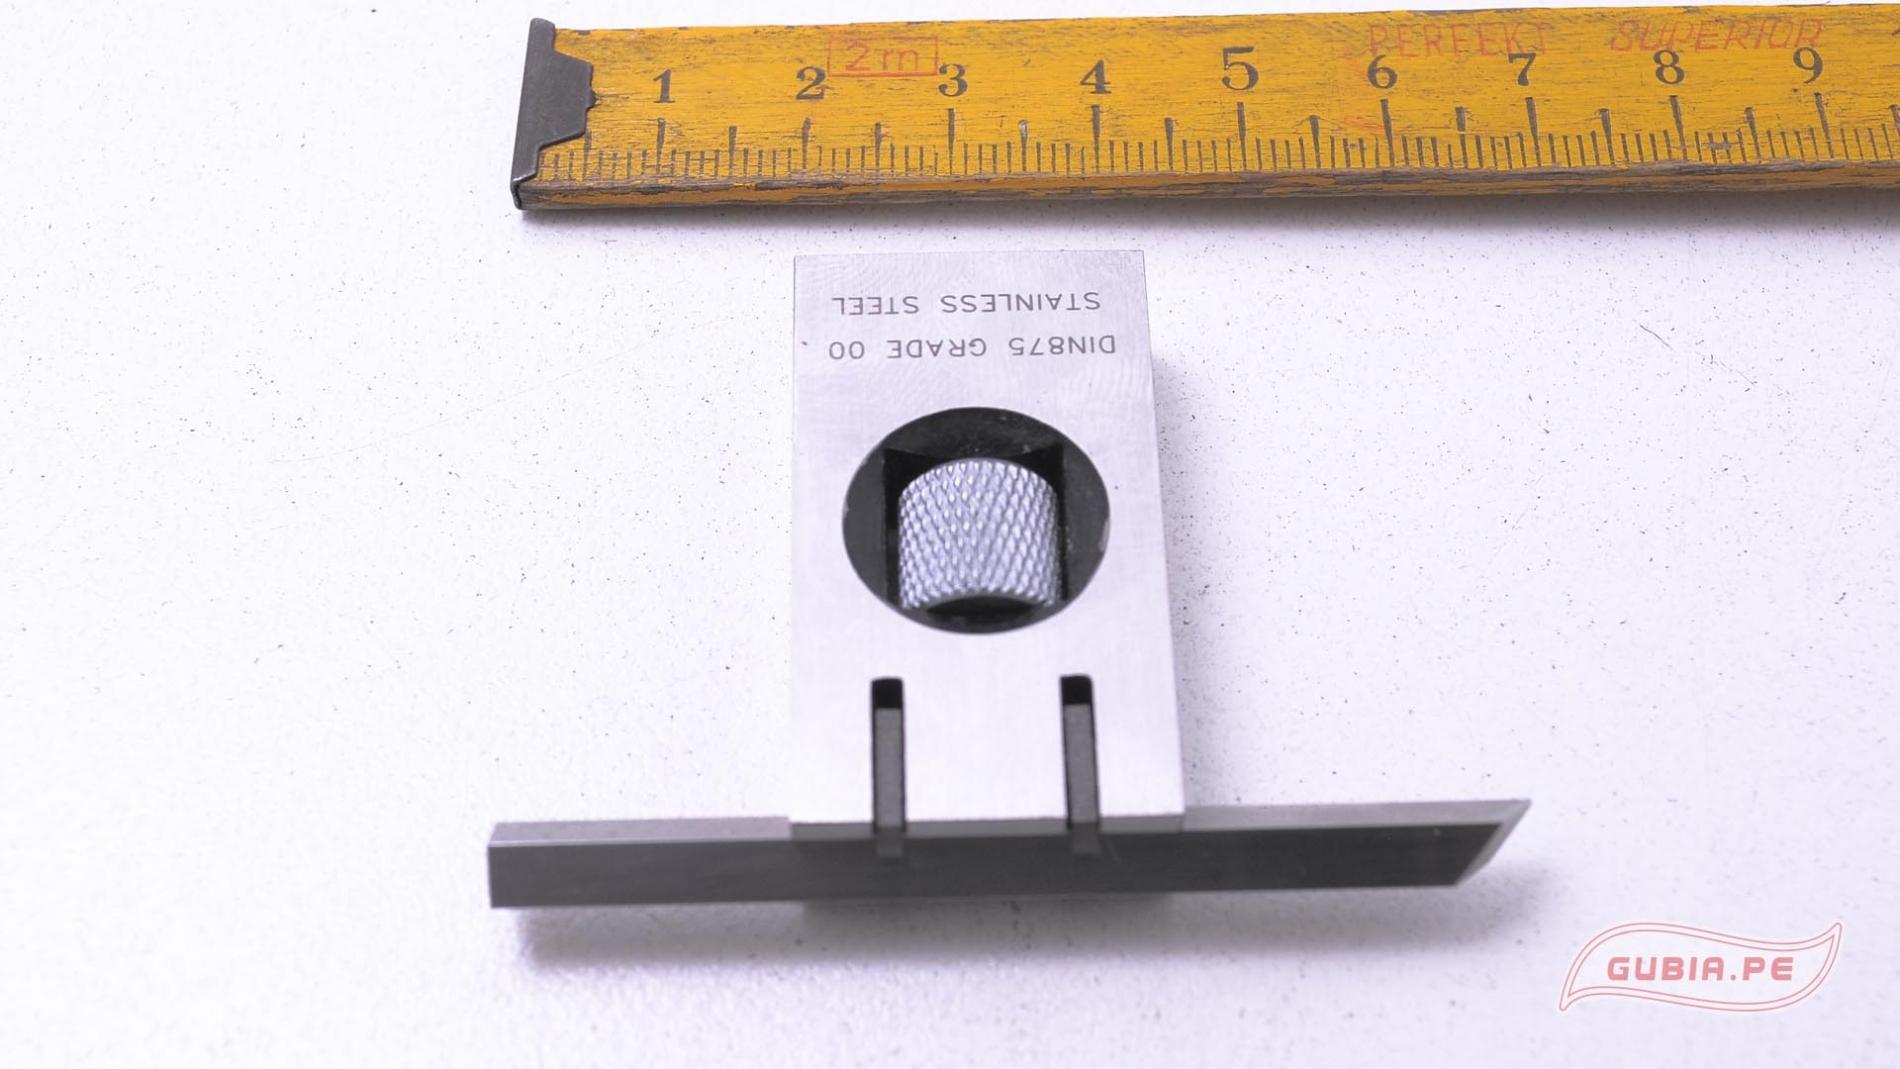 4701-01-Escuadrita ajustable y precisa medir angulo recto uniones caja 6x38 mm INSIZE 4701-01-max-8.